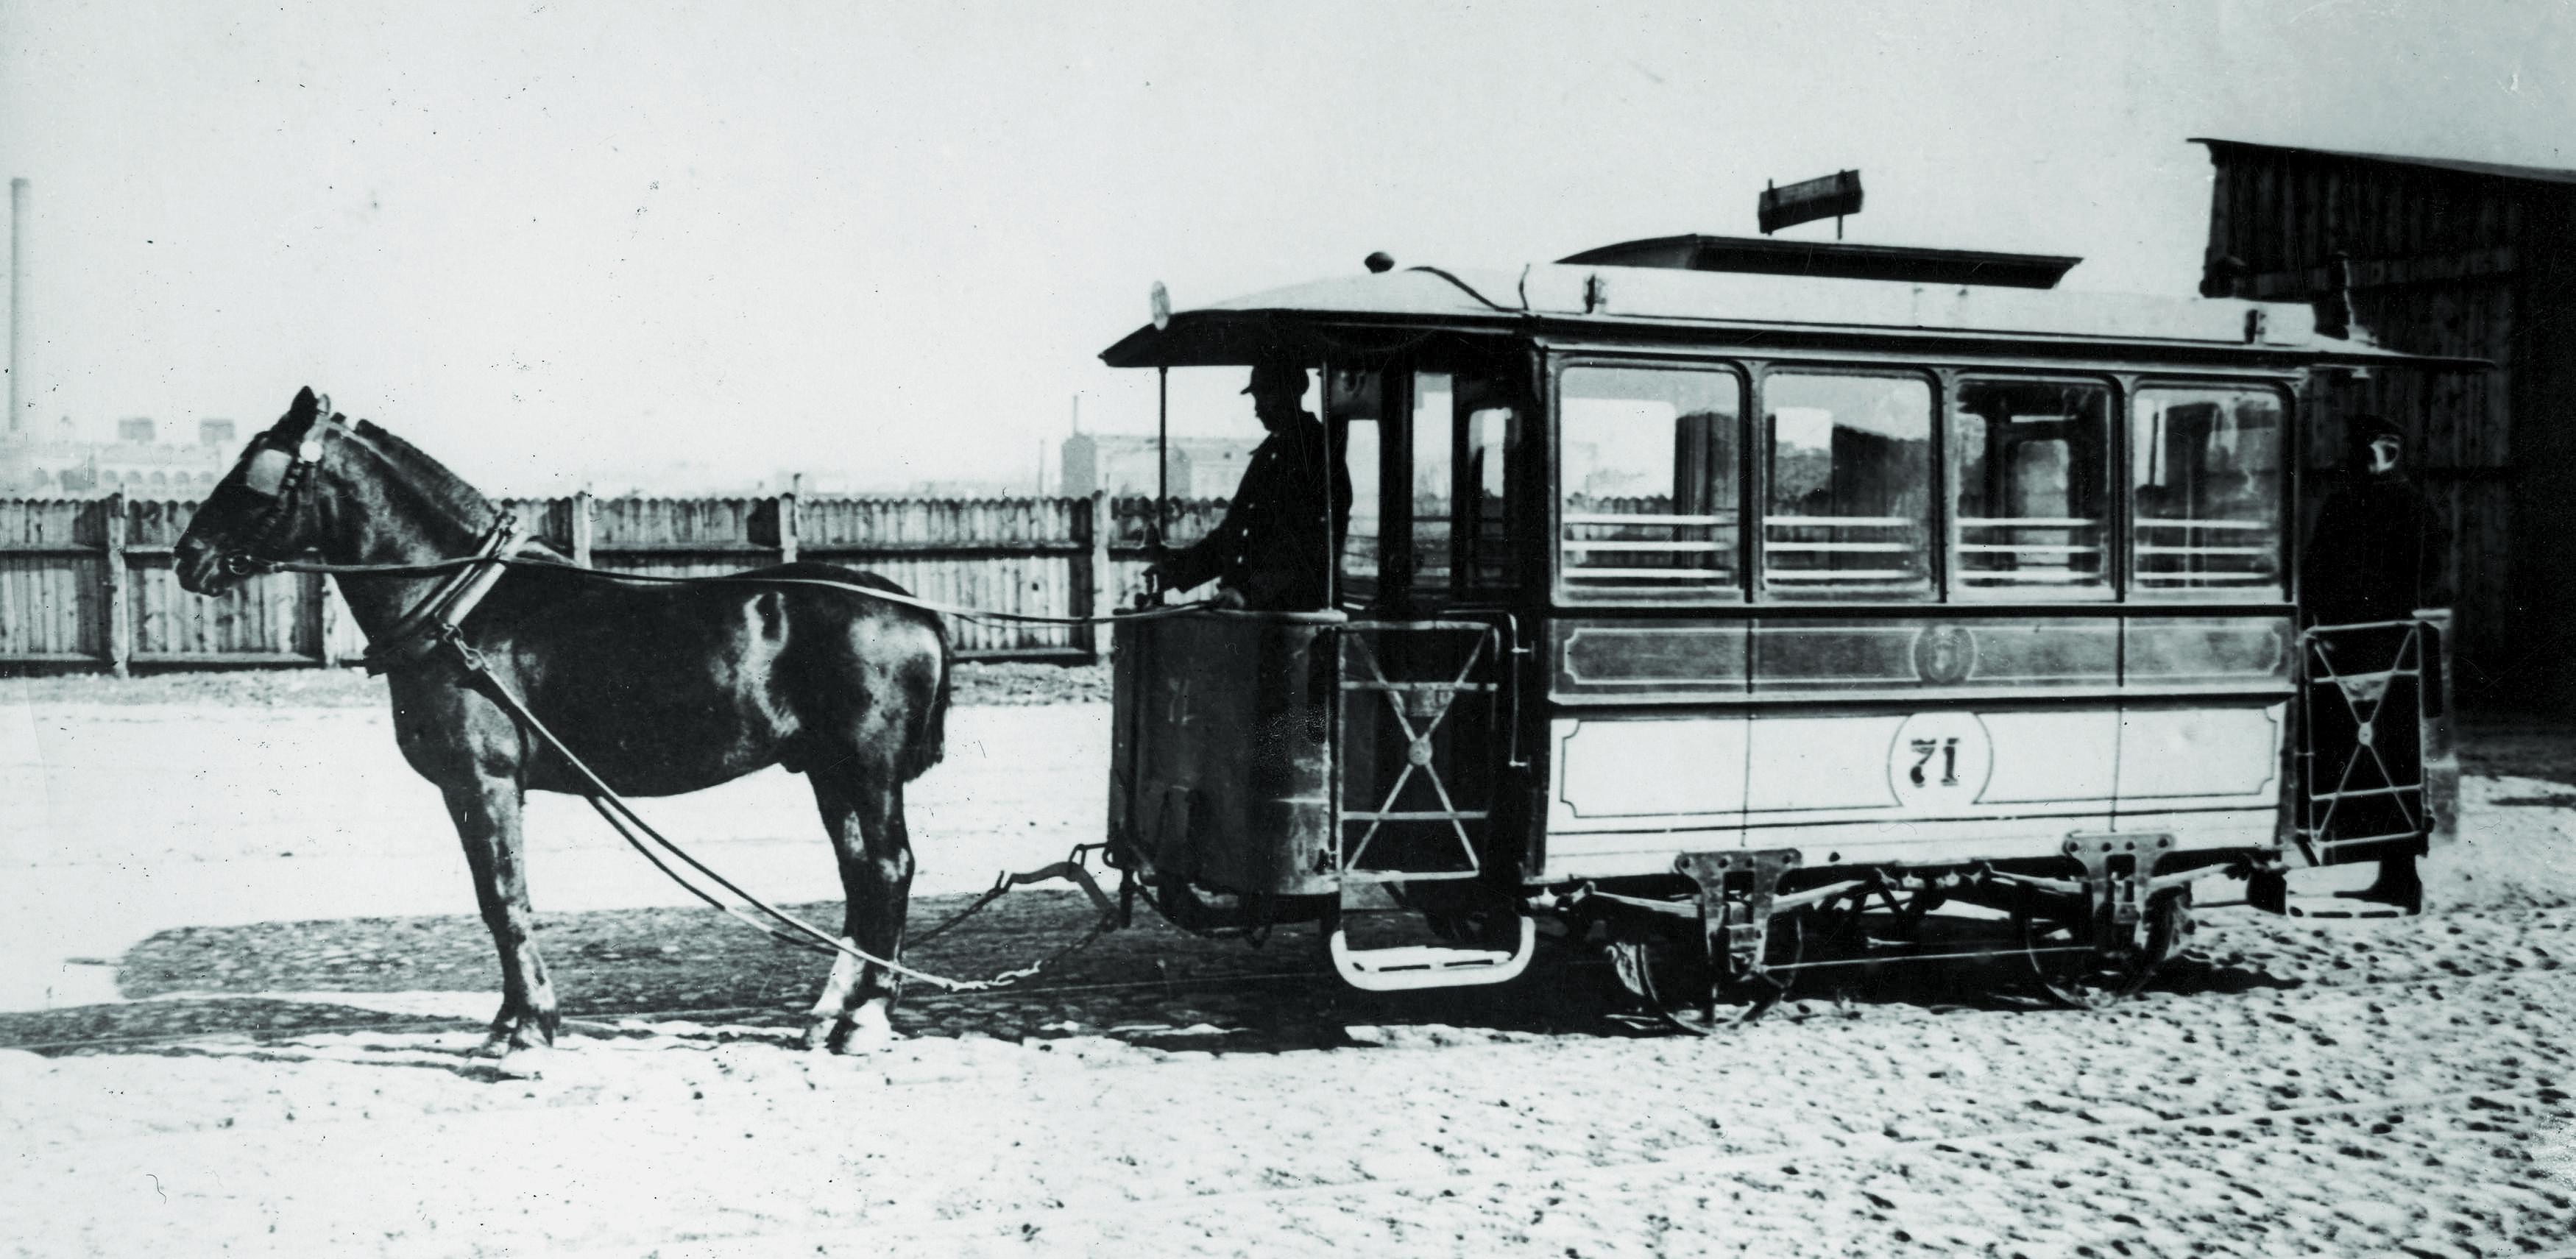 Tramwaj konny na terenie zajezdni przy ulicy Wolskiej, 1906 rok